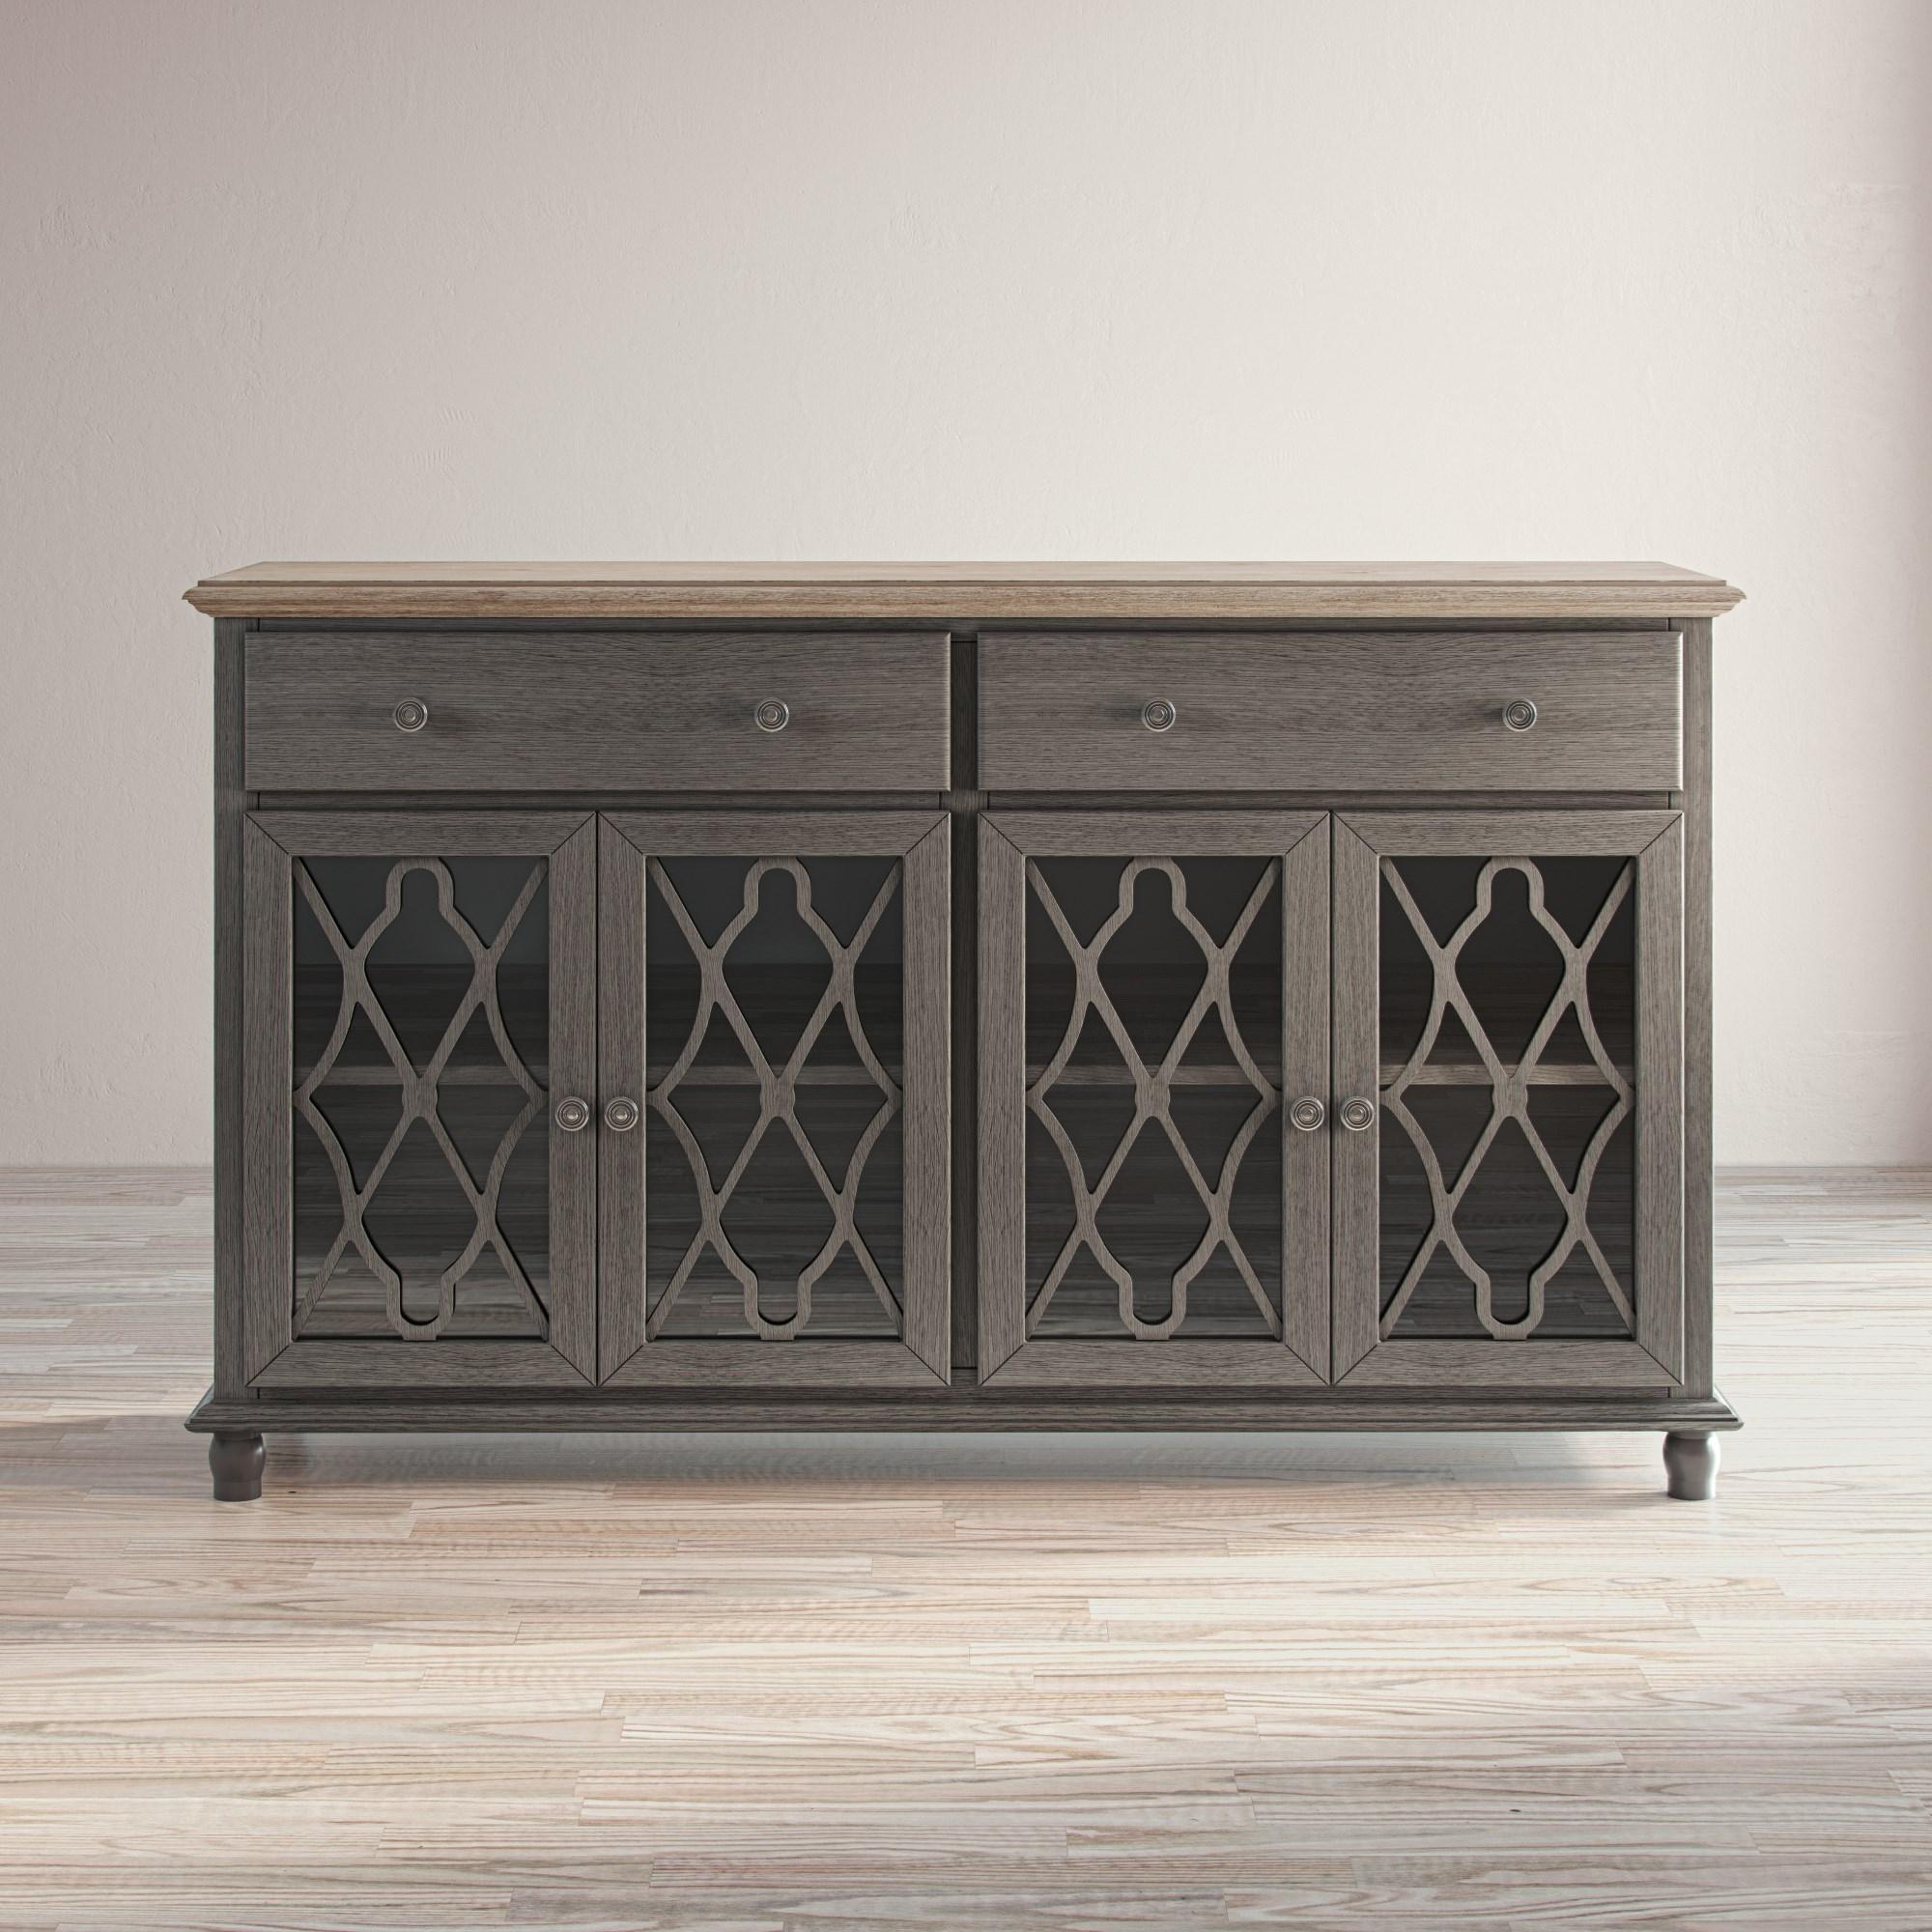 Aurora Hills 4-Door Accent Chest by Jofran at Crowley Furniture & Mattress